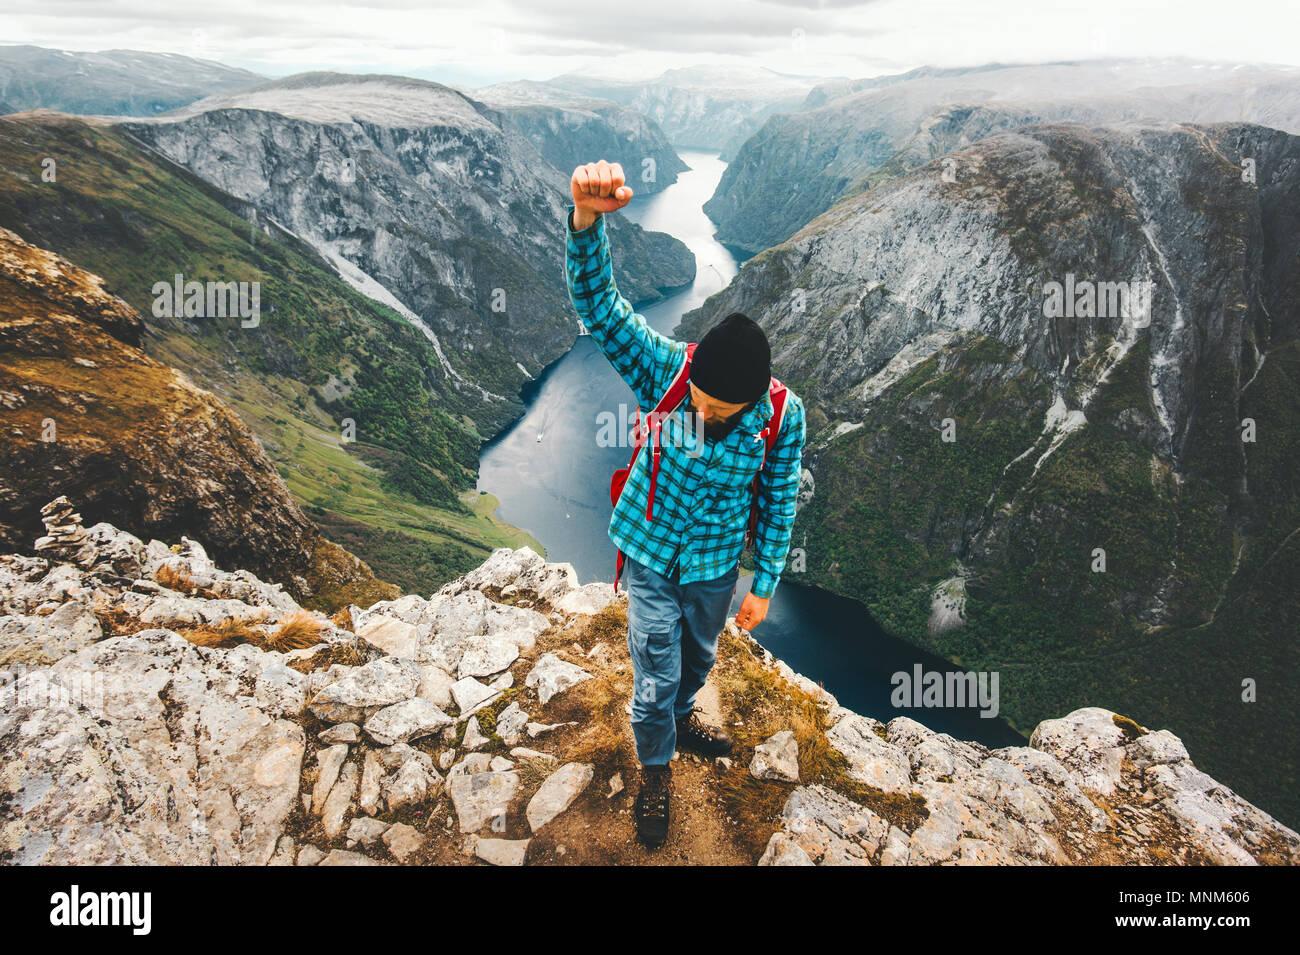 Hombre feliz viajando en Noruega montañas estilo de vida activo durante una escapada de fin de semana vacaciones de la aventura éxito ganador concepto vista aérea paisaje Imagen De Stock